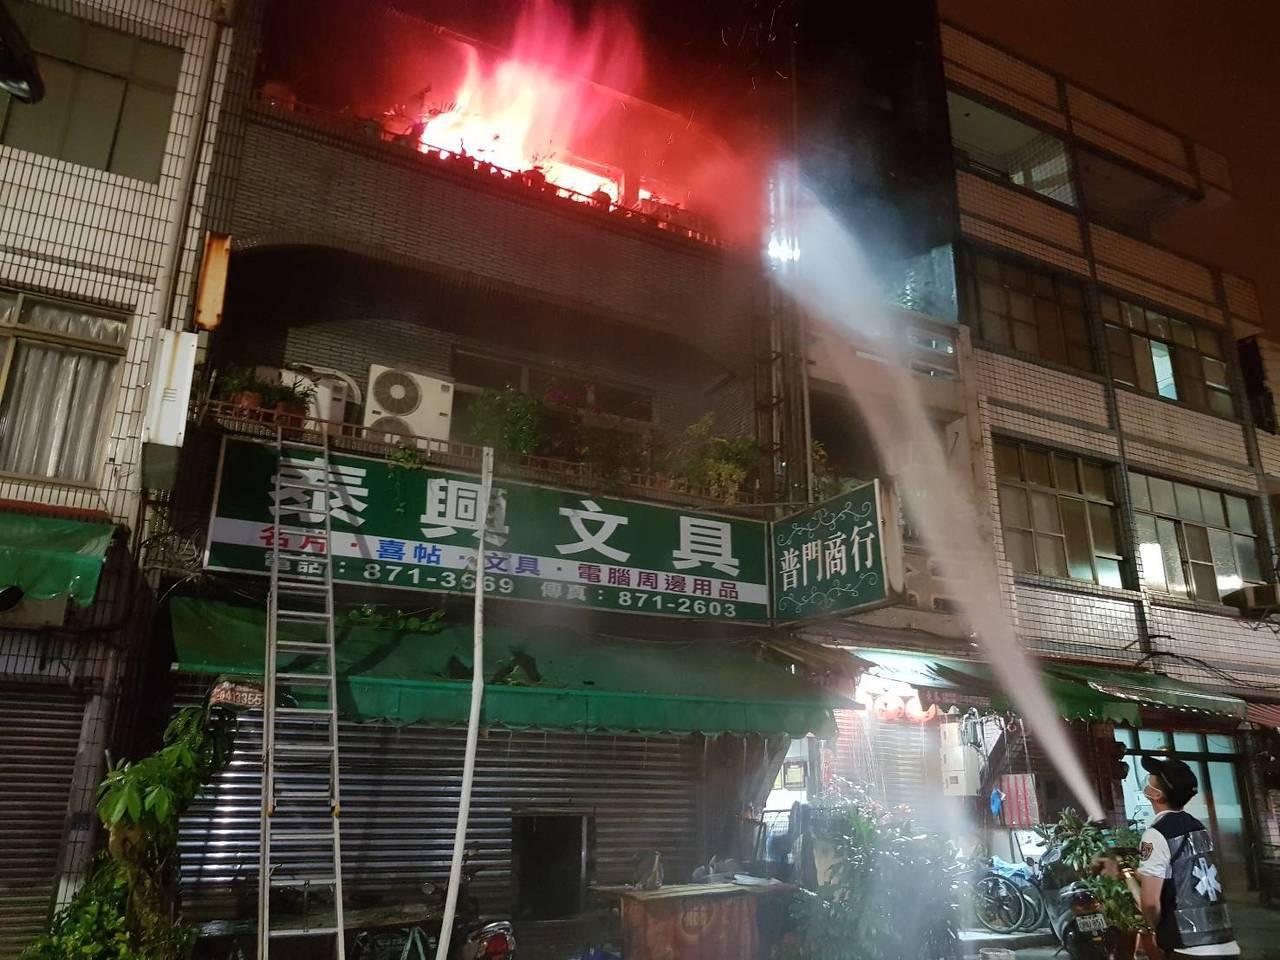 高雄市大林蒲老字號的「泰興文化廣場」書局今天凌晨火警,造成1死3傷。圖/讀者提供